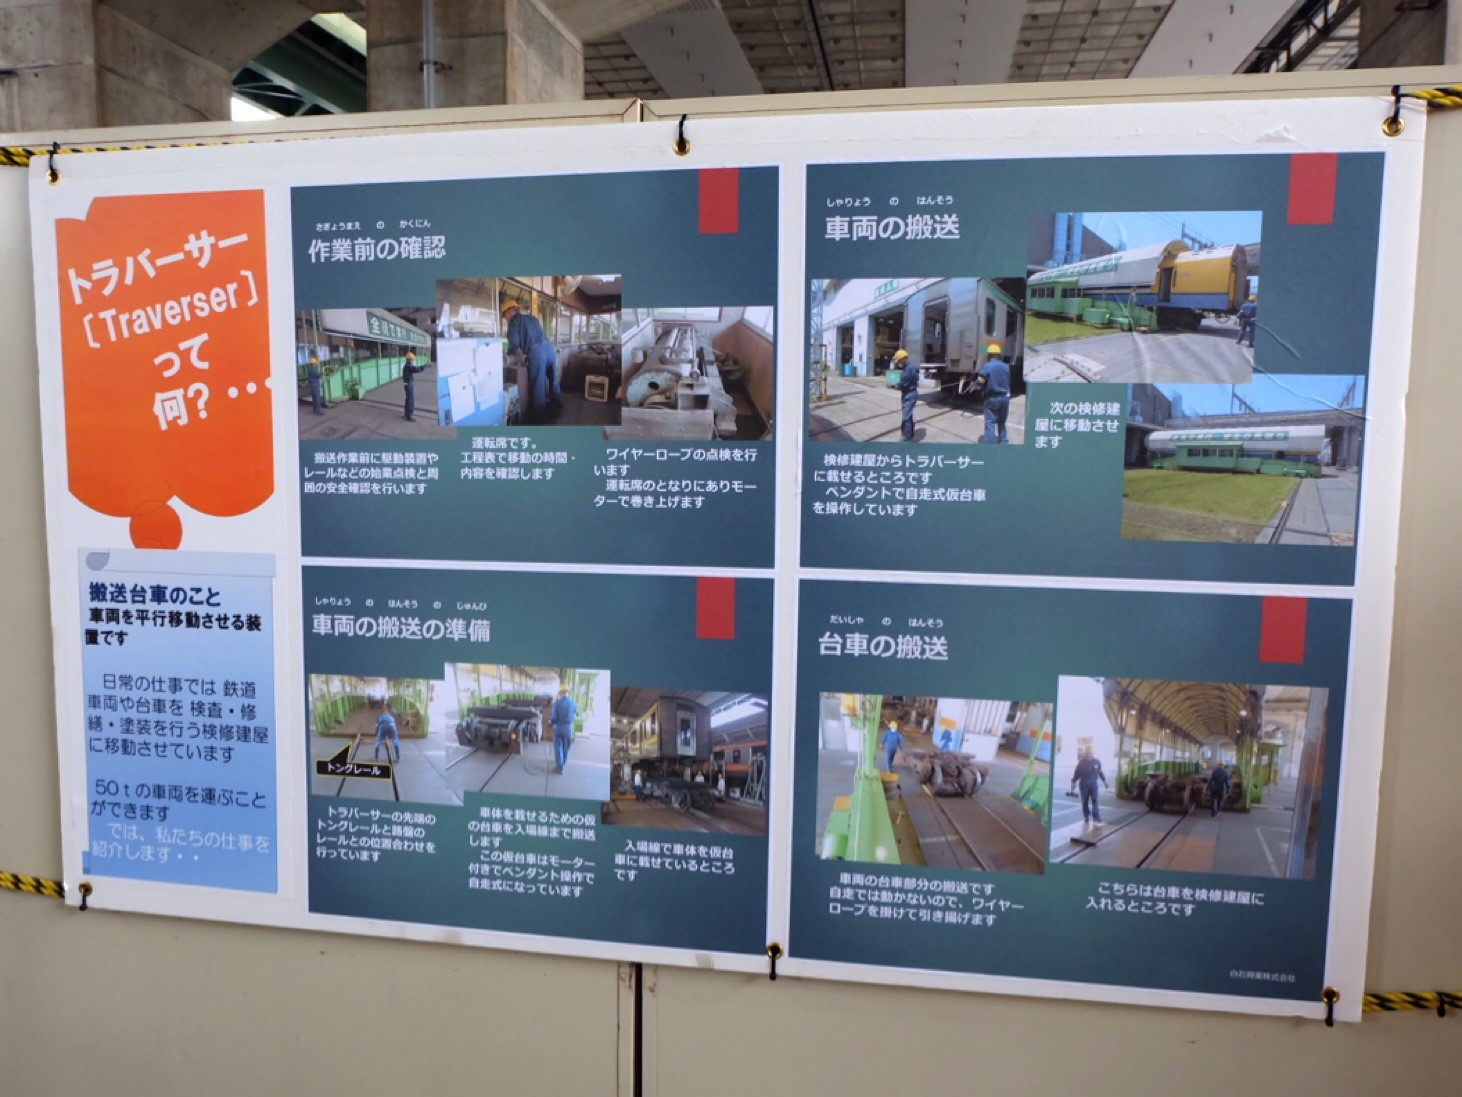 大宮鉄道イベント_180527_0004